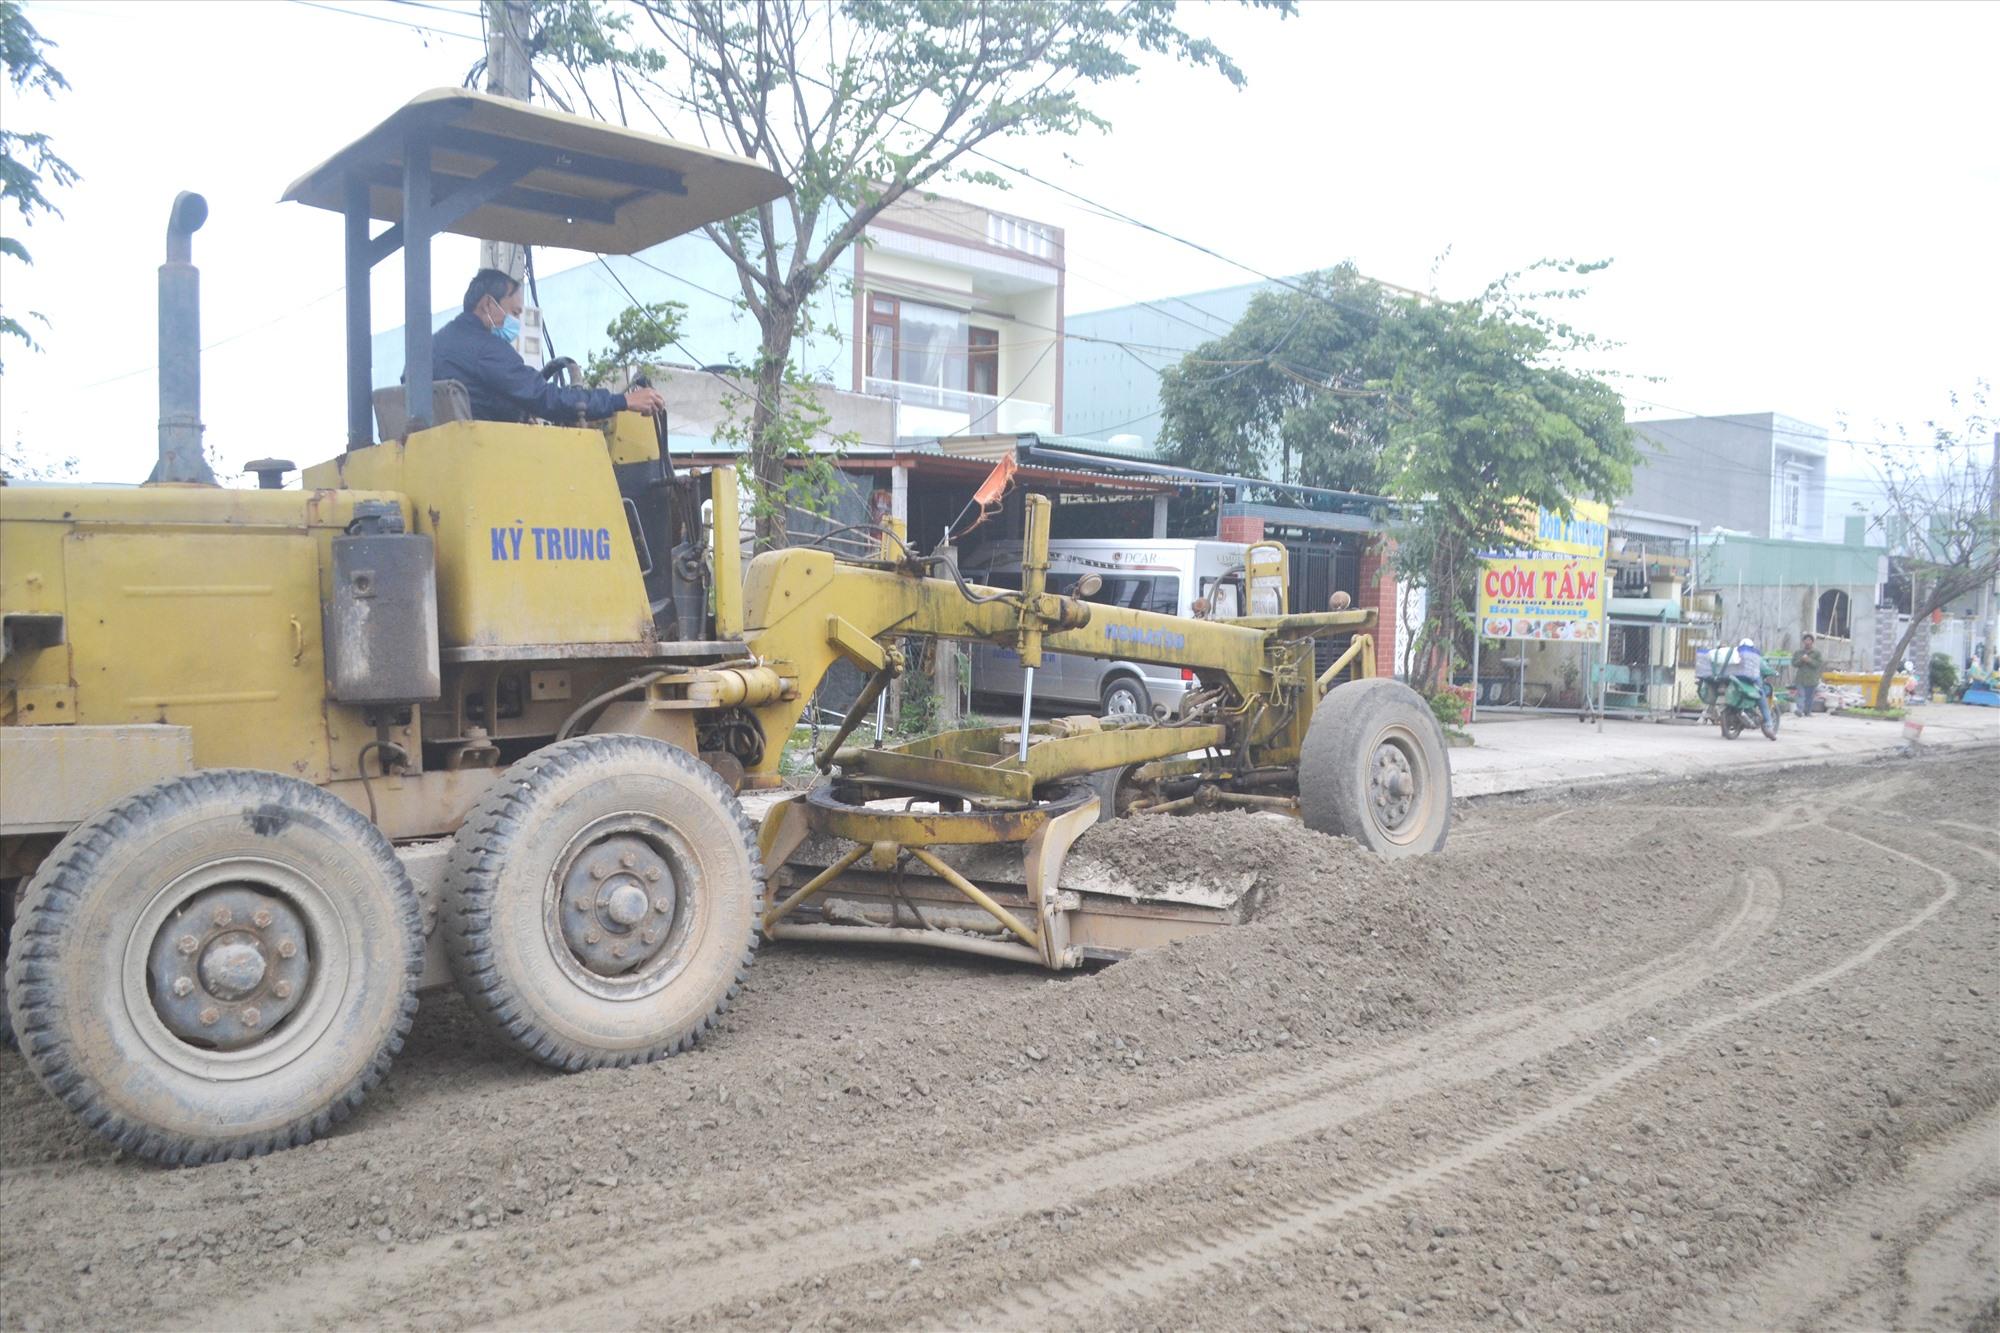 Nền đường cấp phối đá dăm phải xóc lên, san gạt và lu lèn lại sau khi bị xe tải chạy qua làm hư hỏng. Ảnh: CT